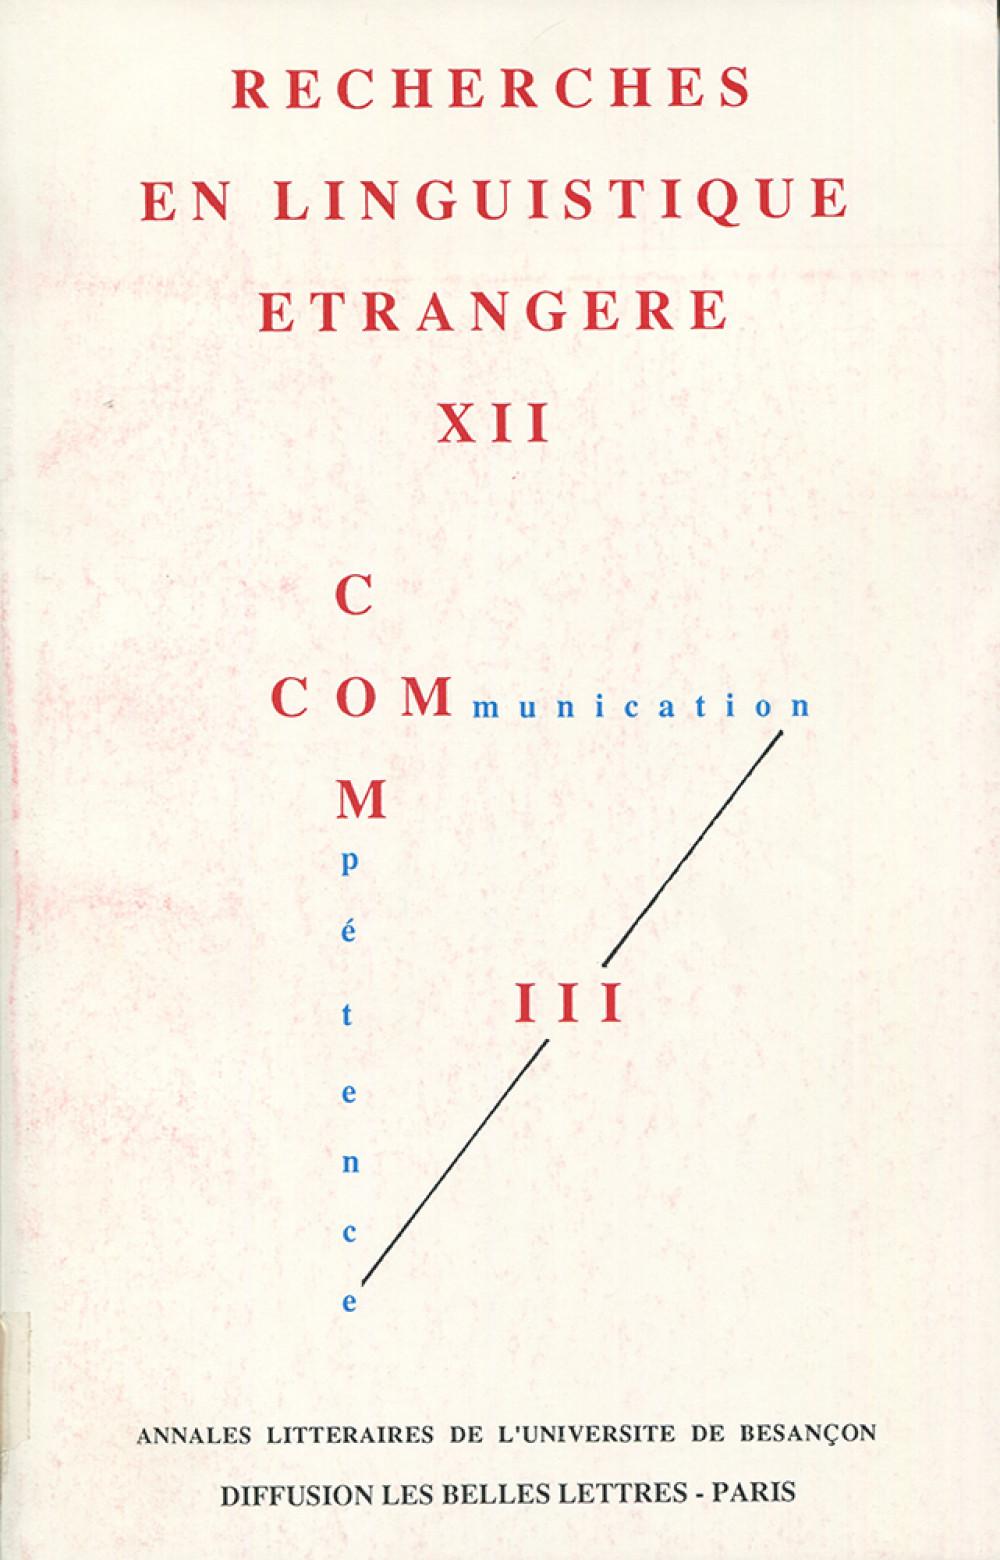 Recherches en linguistique étrangère XII